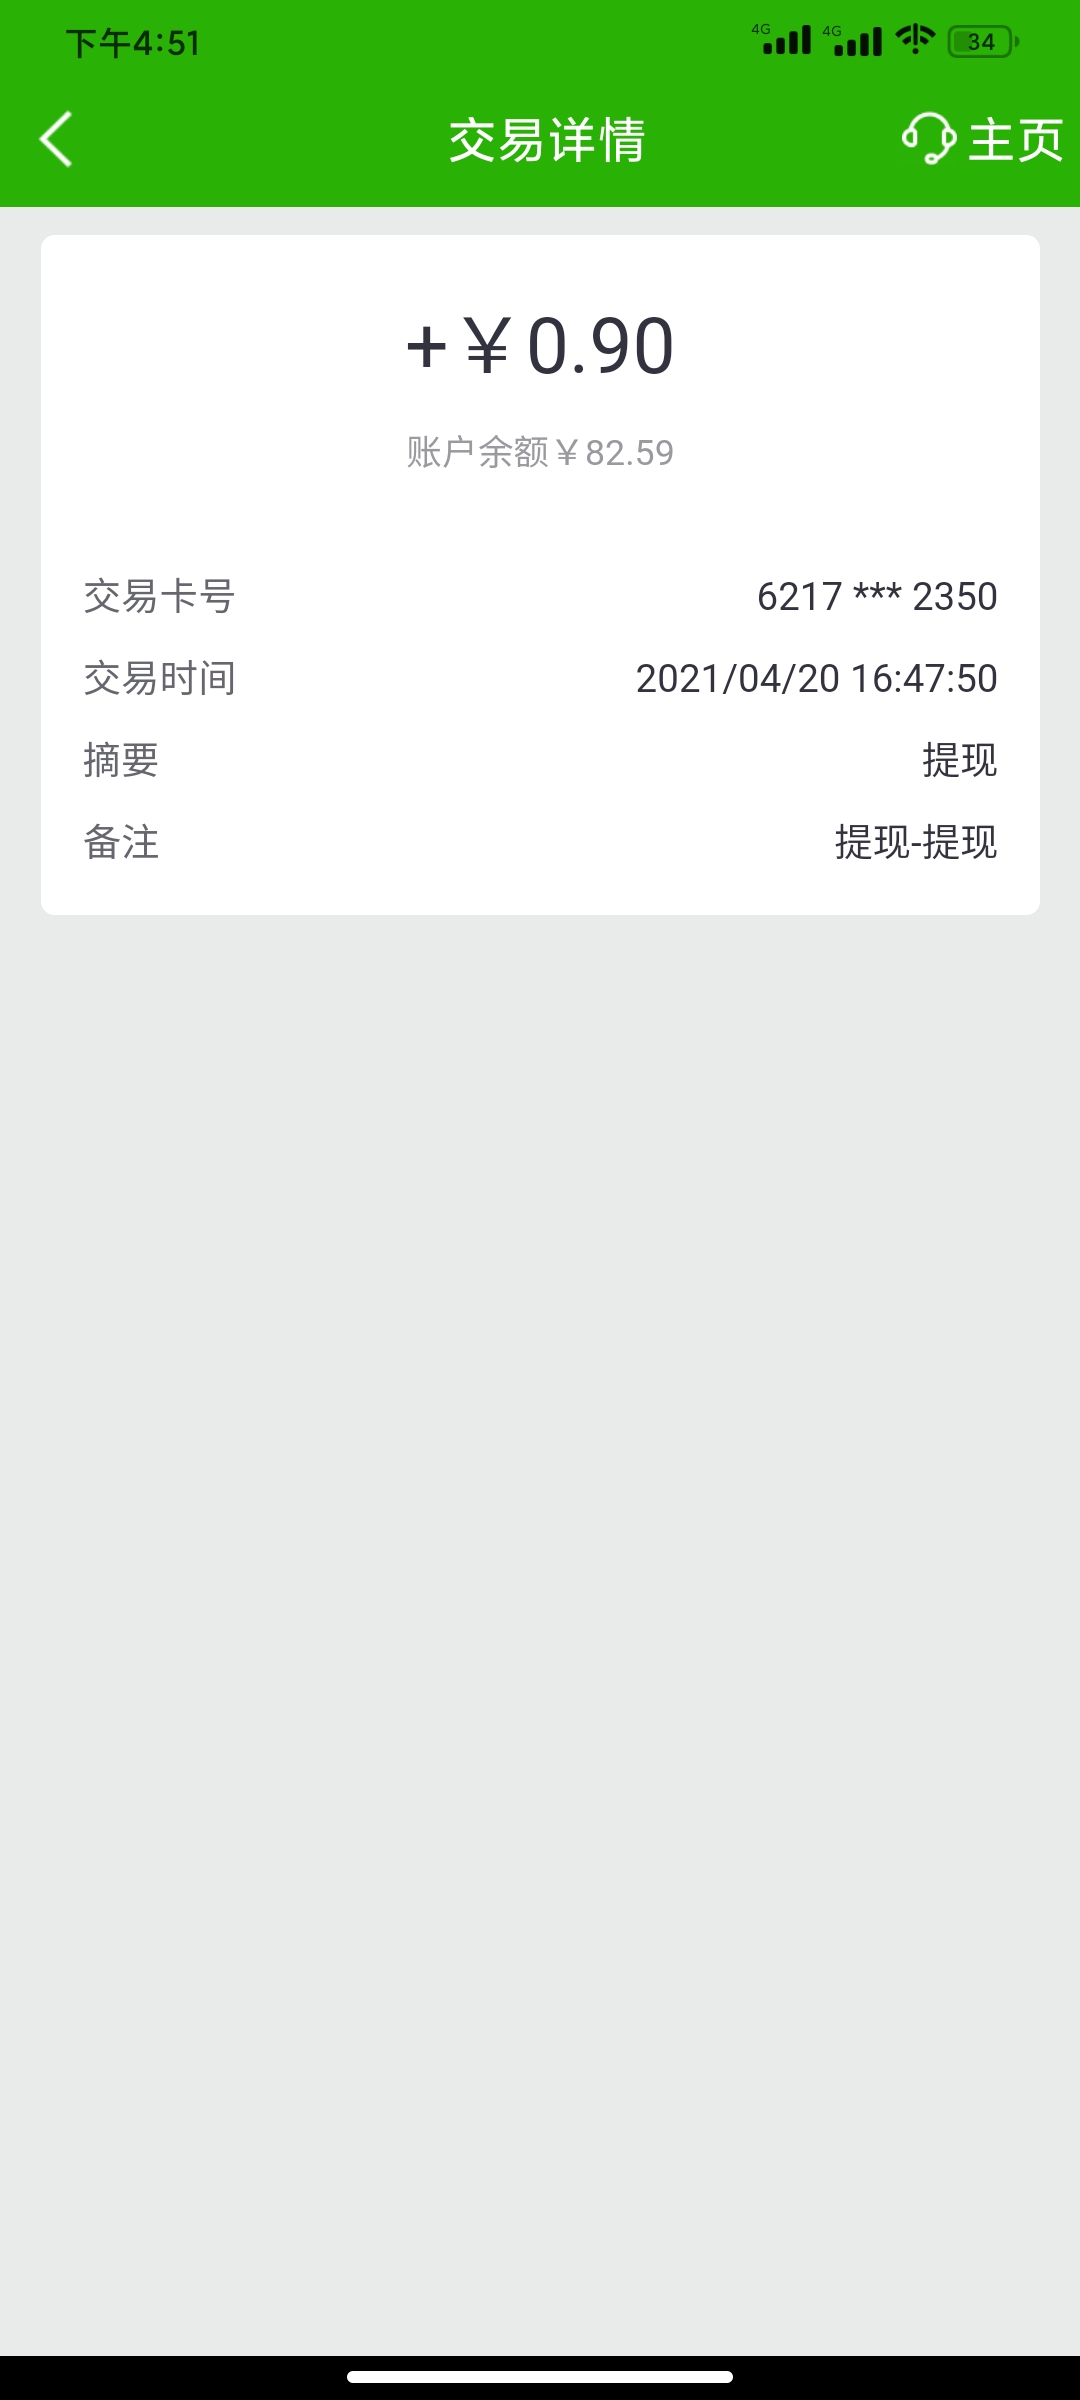 小米应用商店下载领红包每天可领秒到账